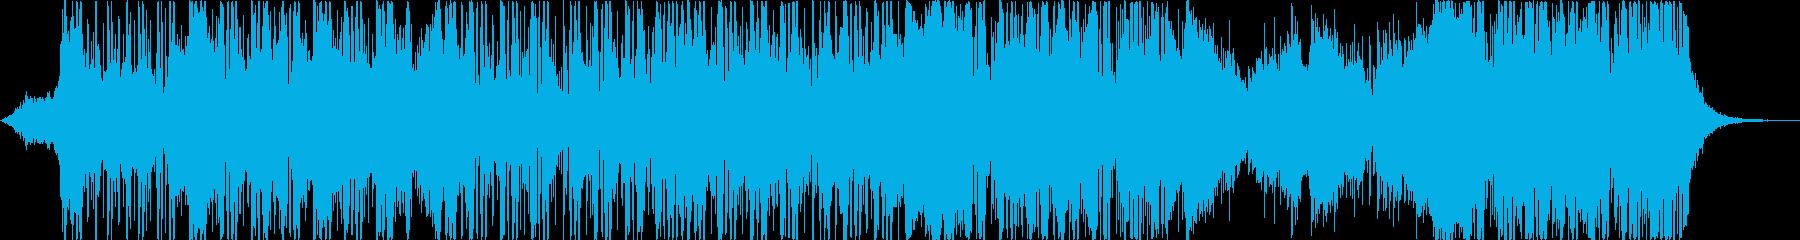 水をイメージしたチルアウト、アンビエントの再生済みの波形